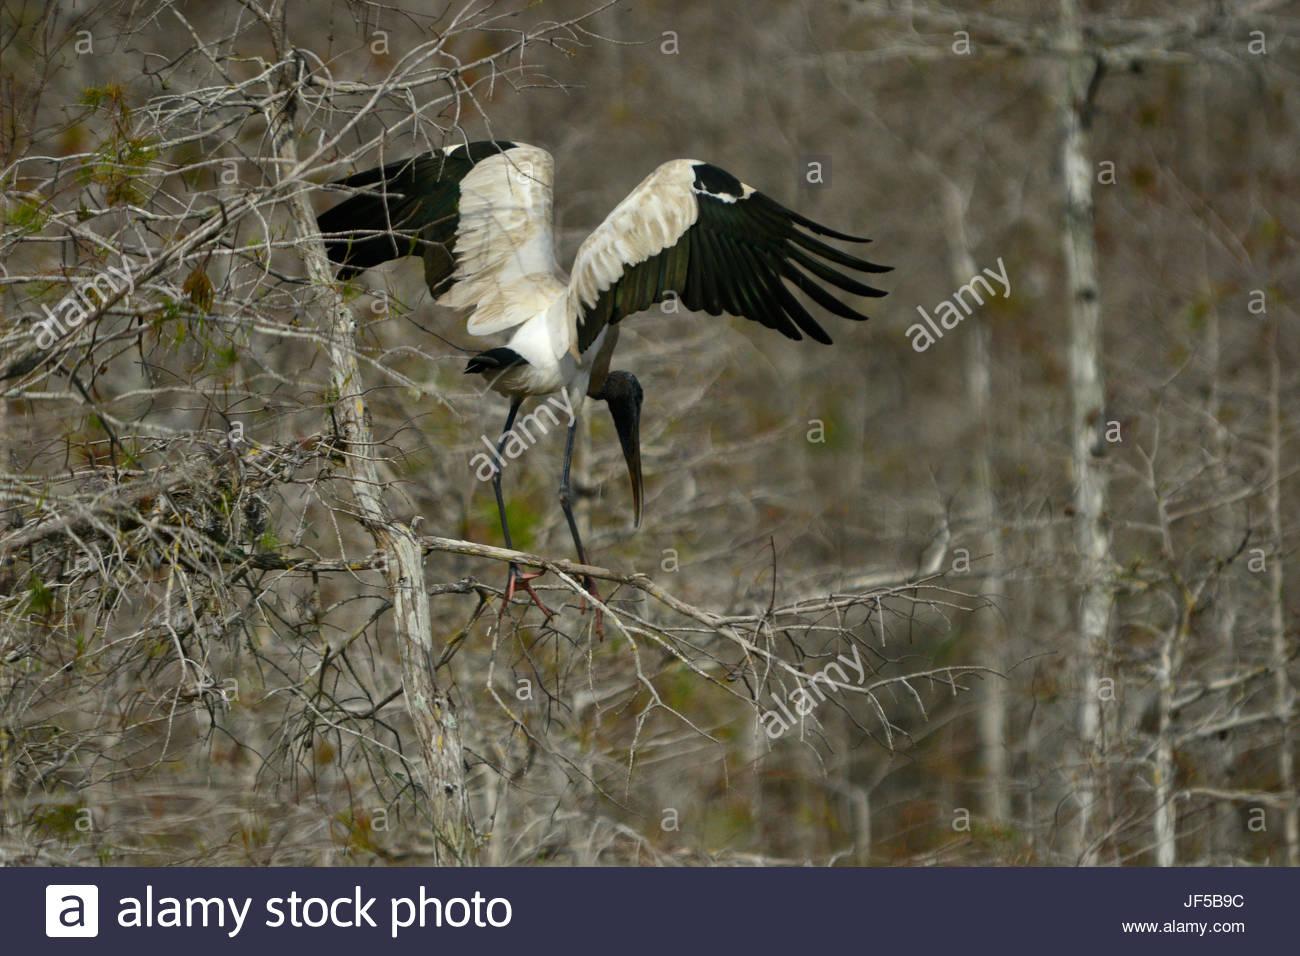 Ein Holz-Storch mit ausgebreiteten Flügeln. Stockbild